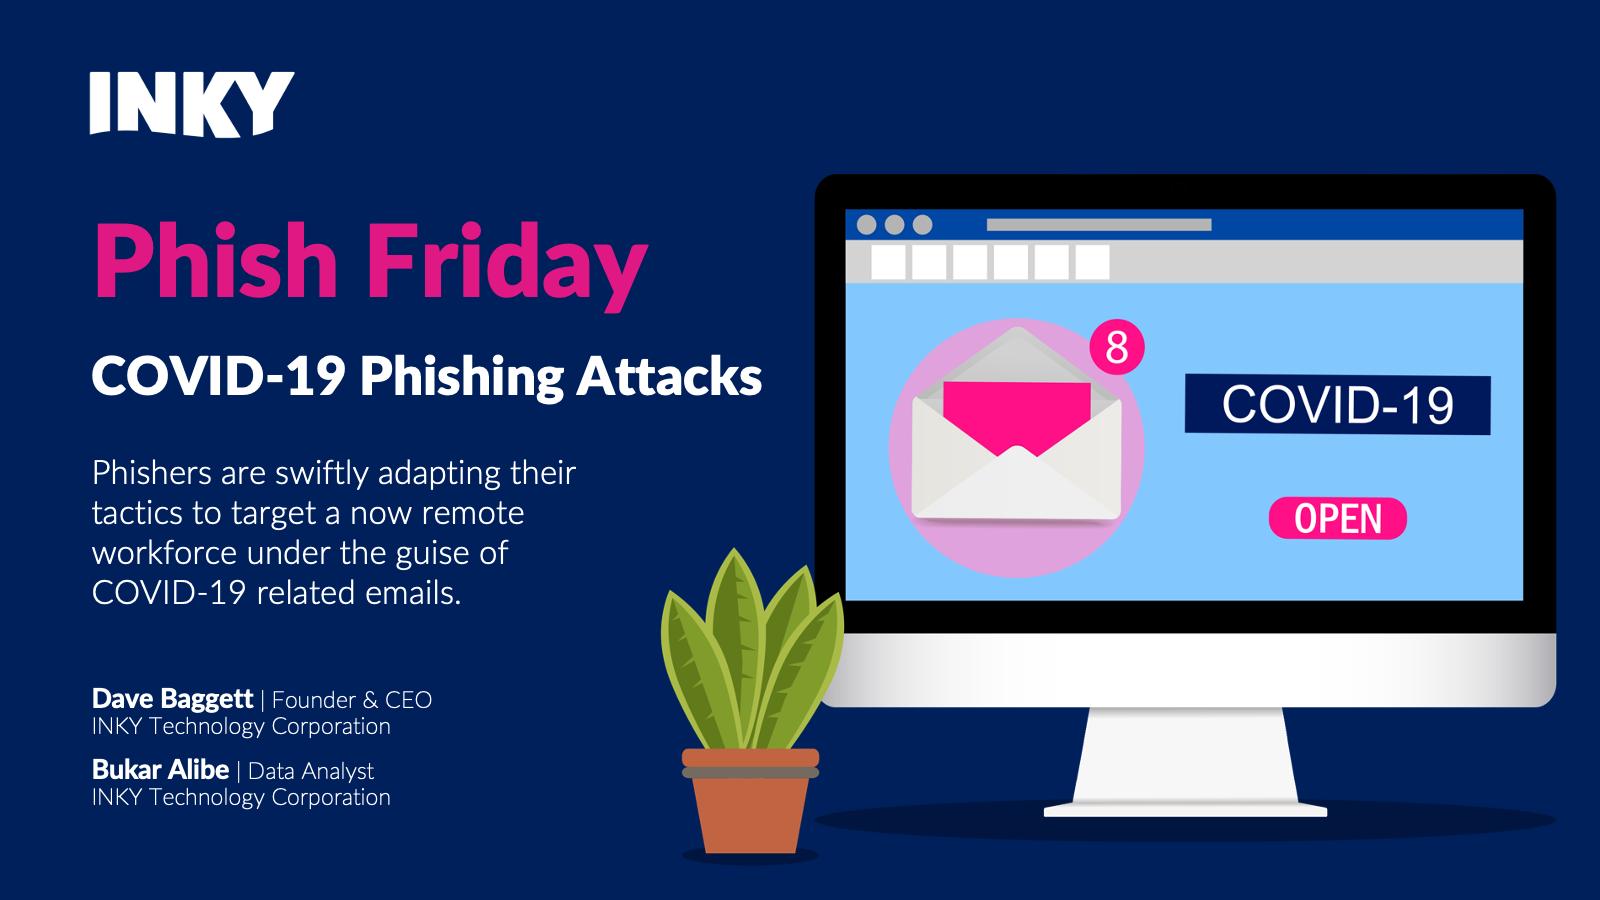 Phish Friday: COVID-19 Phishing Attacks